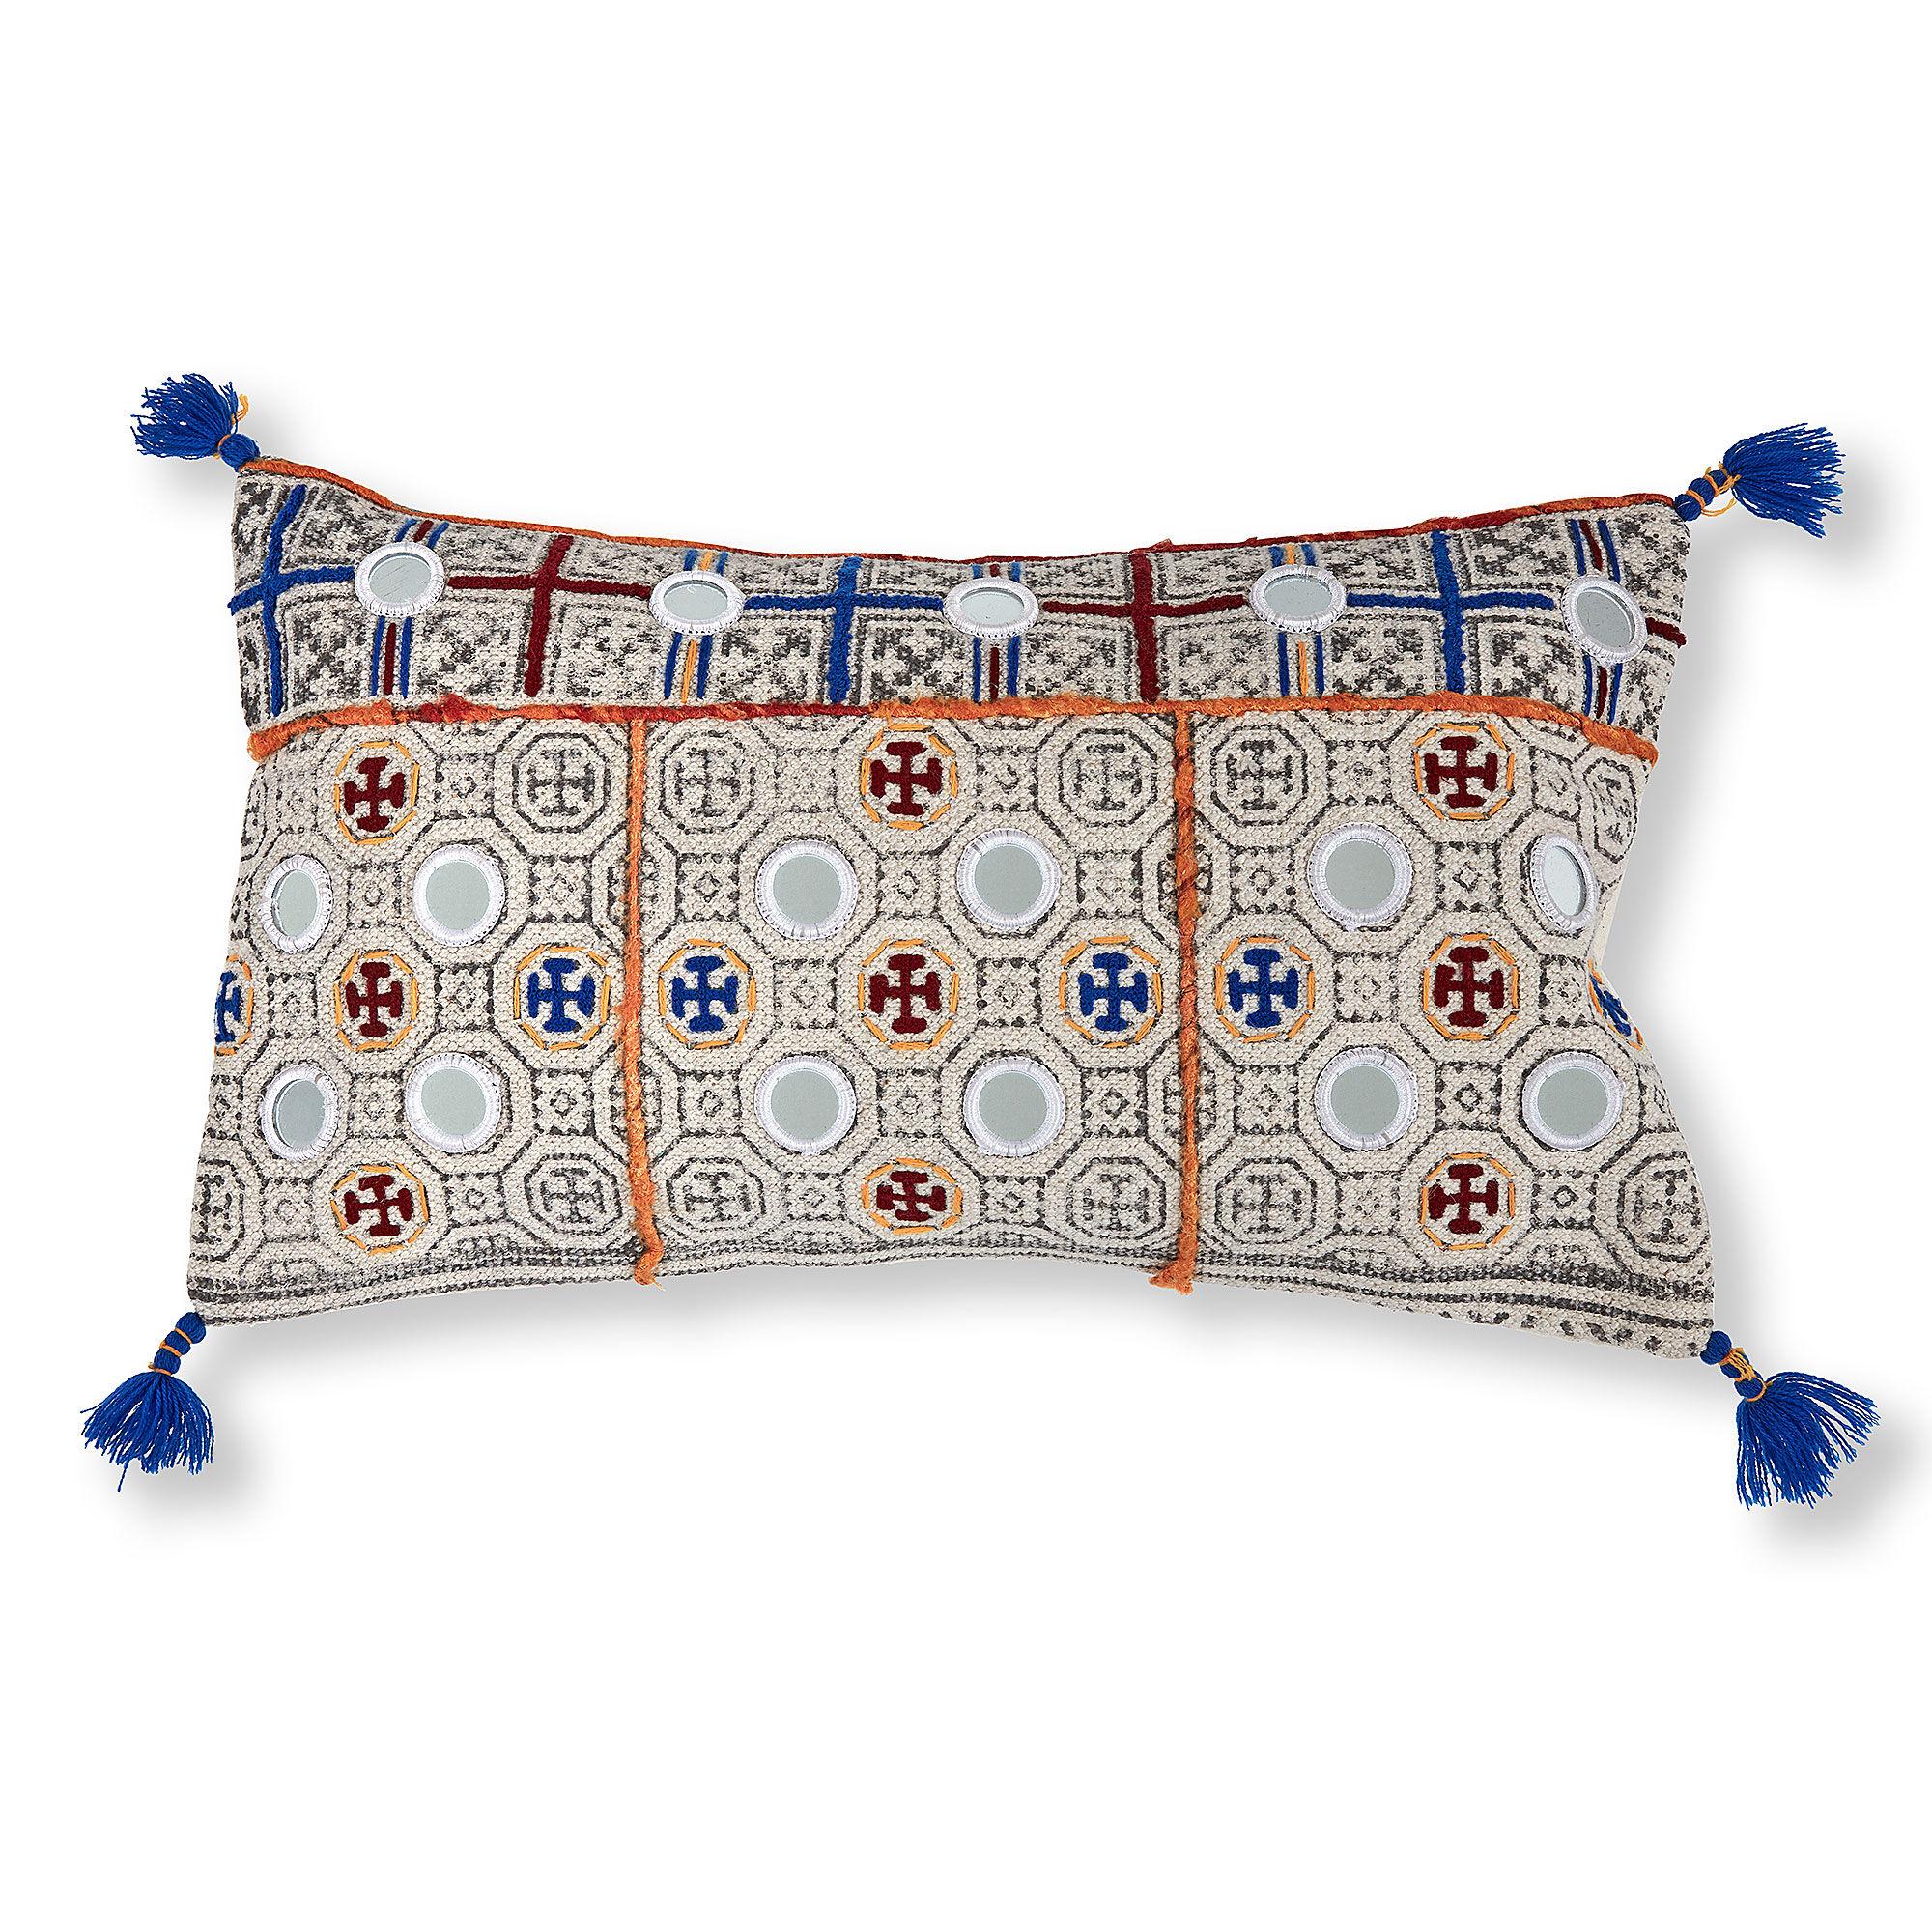 Kave Home Fodera cuscino Bent 30 x 50 cm